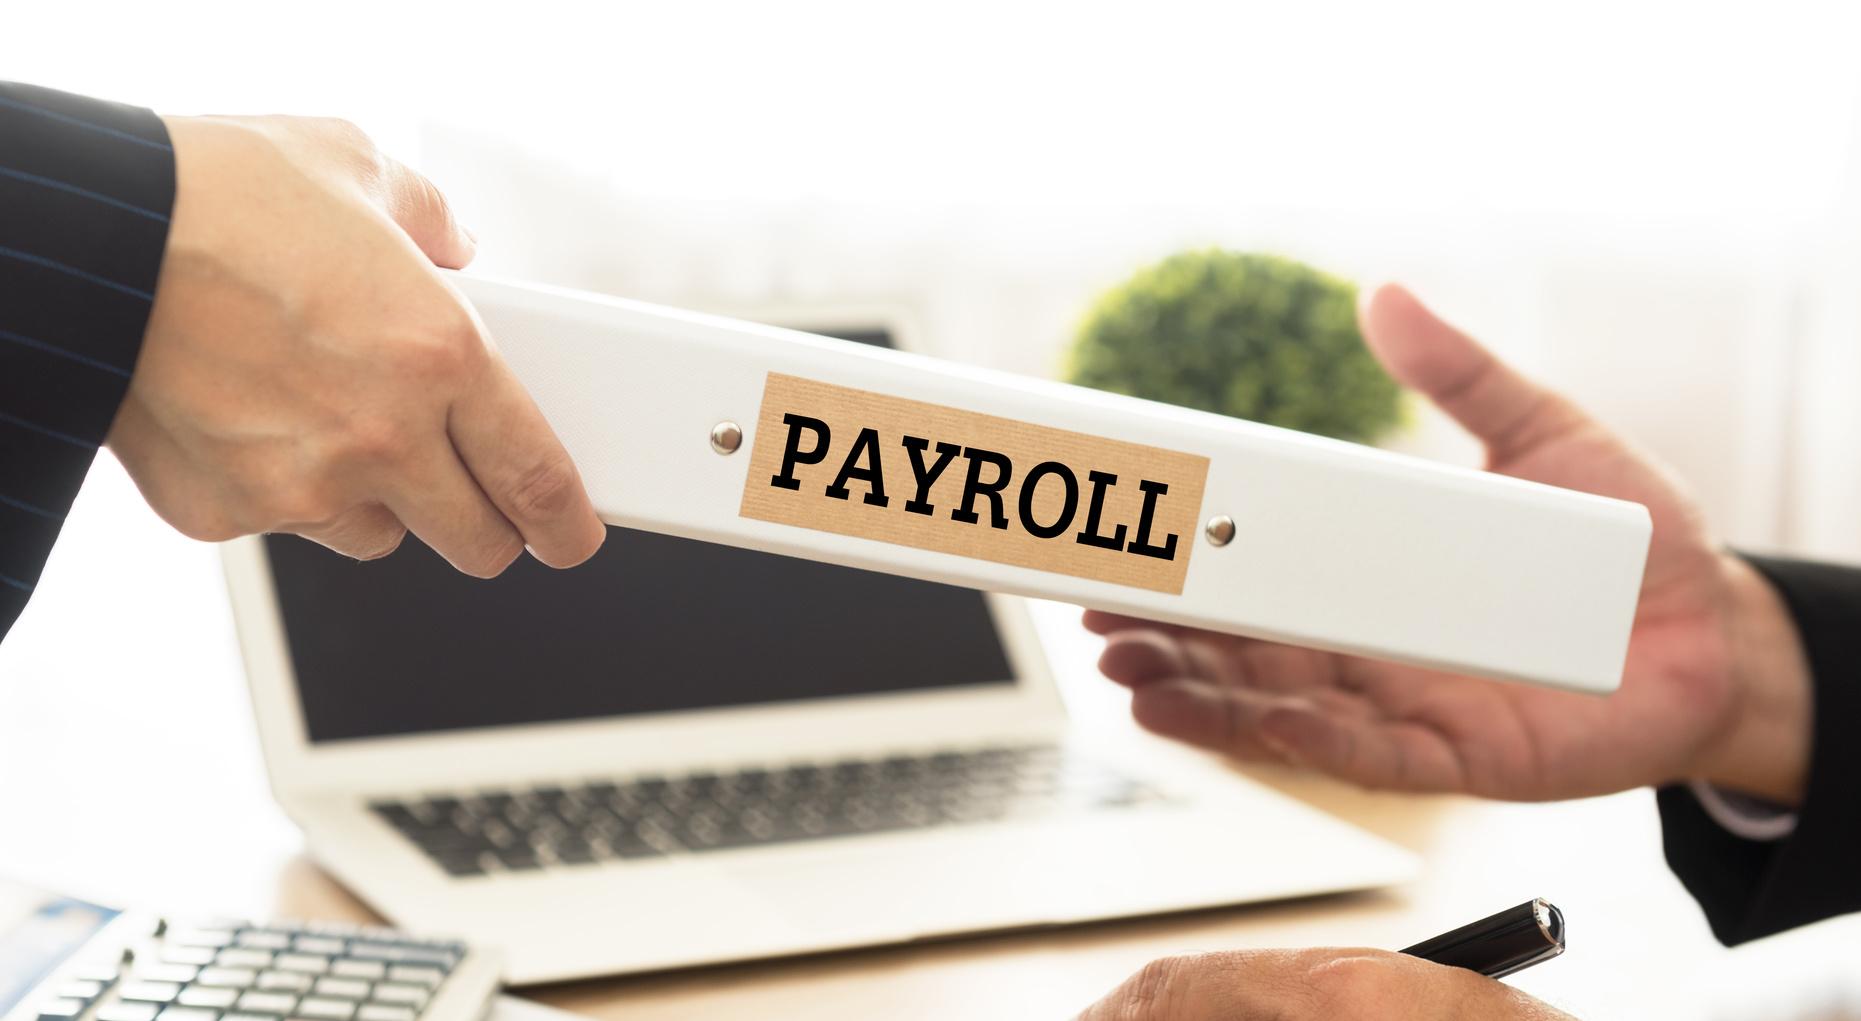 Daftar 5 Payroll Service Terbaik di Indonesia